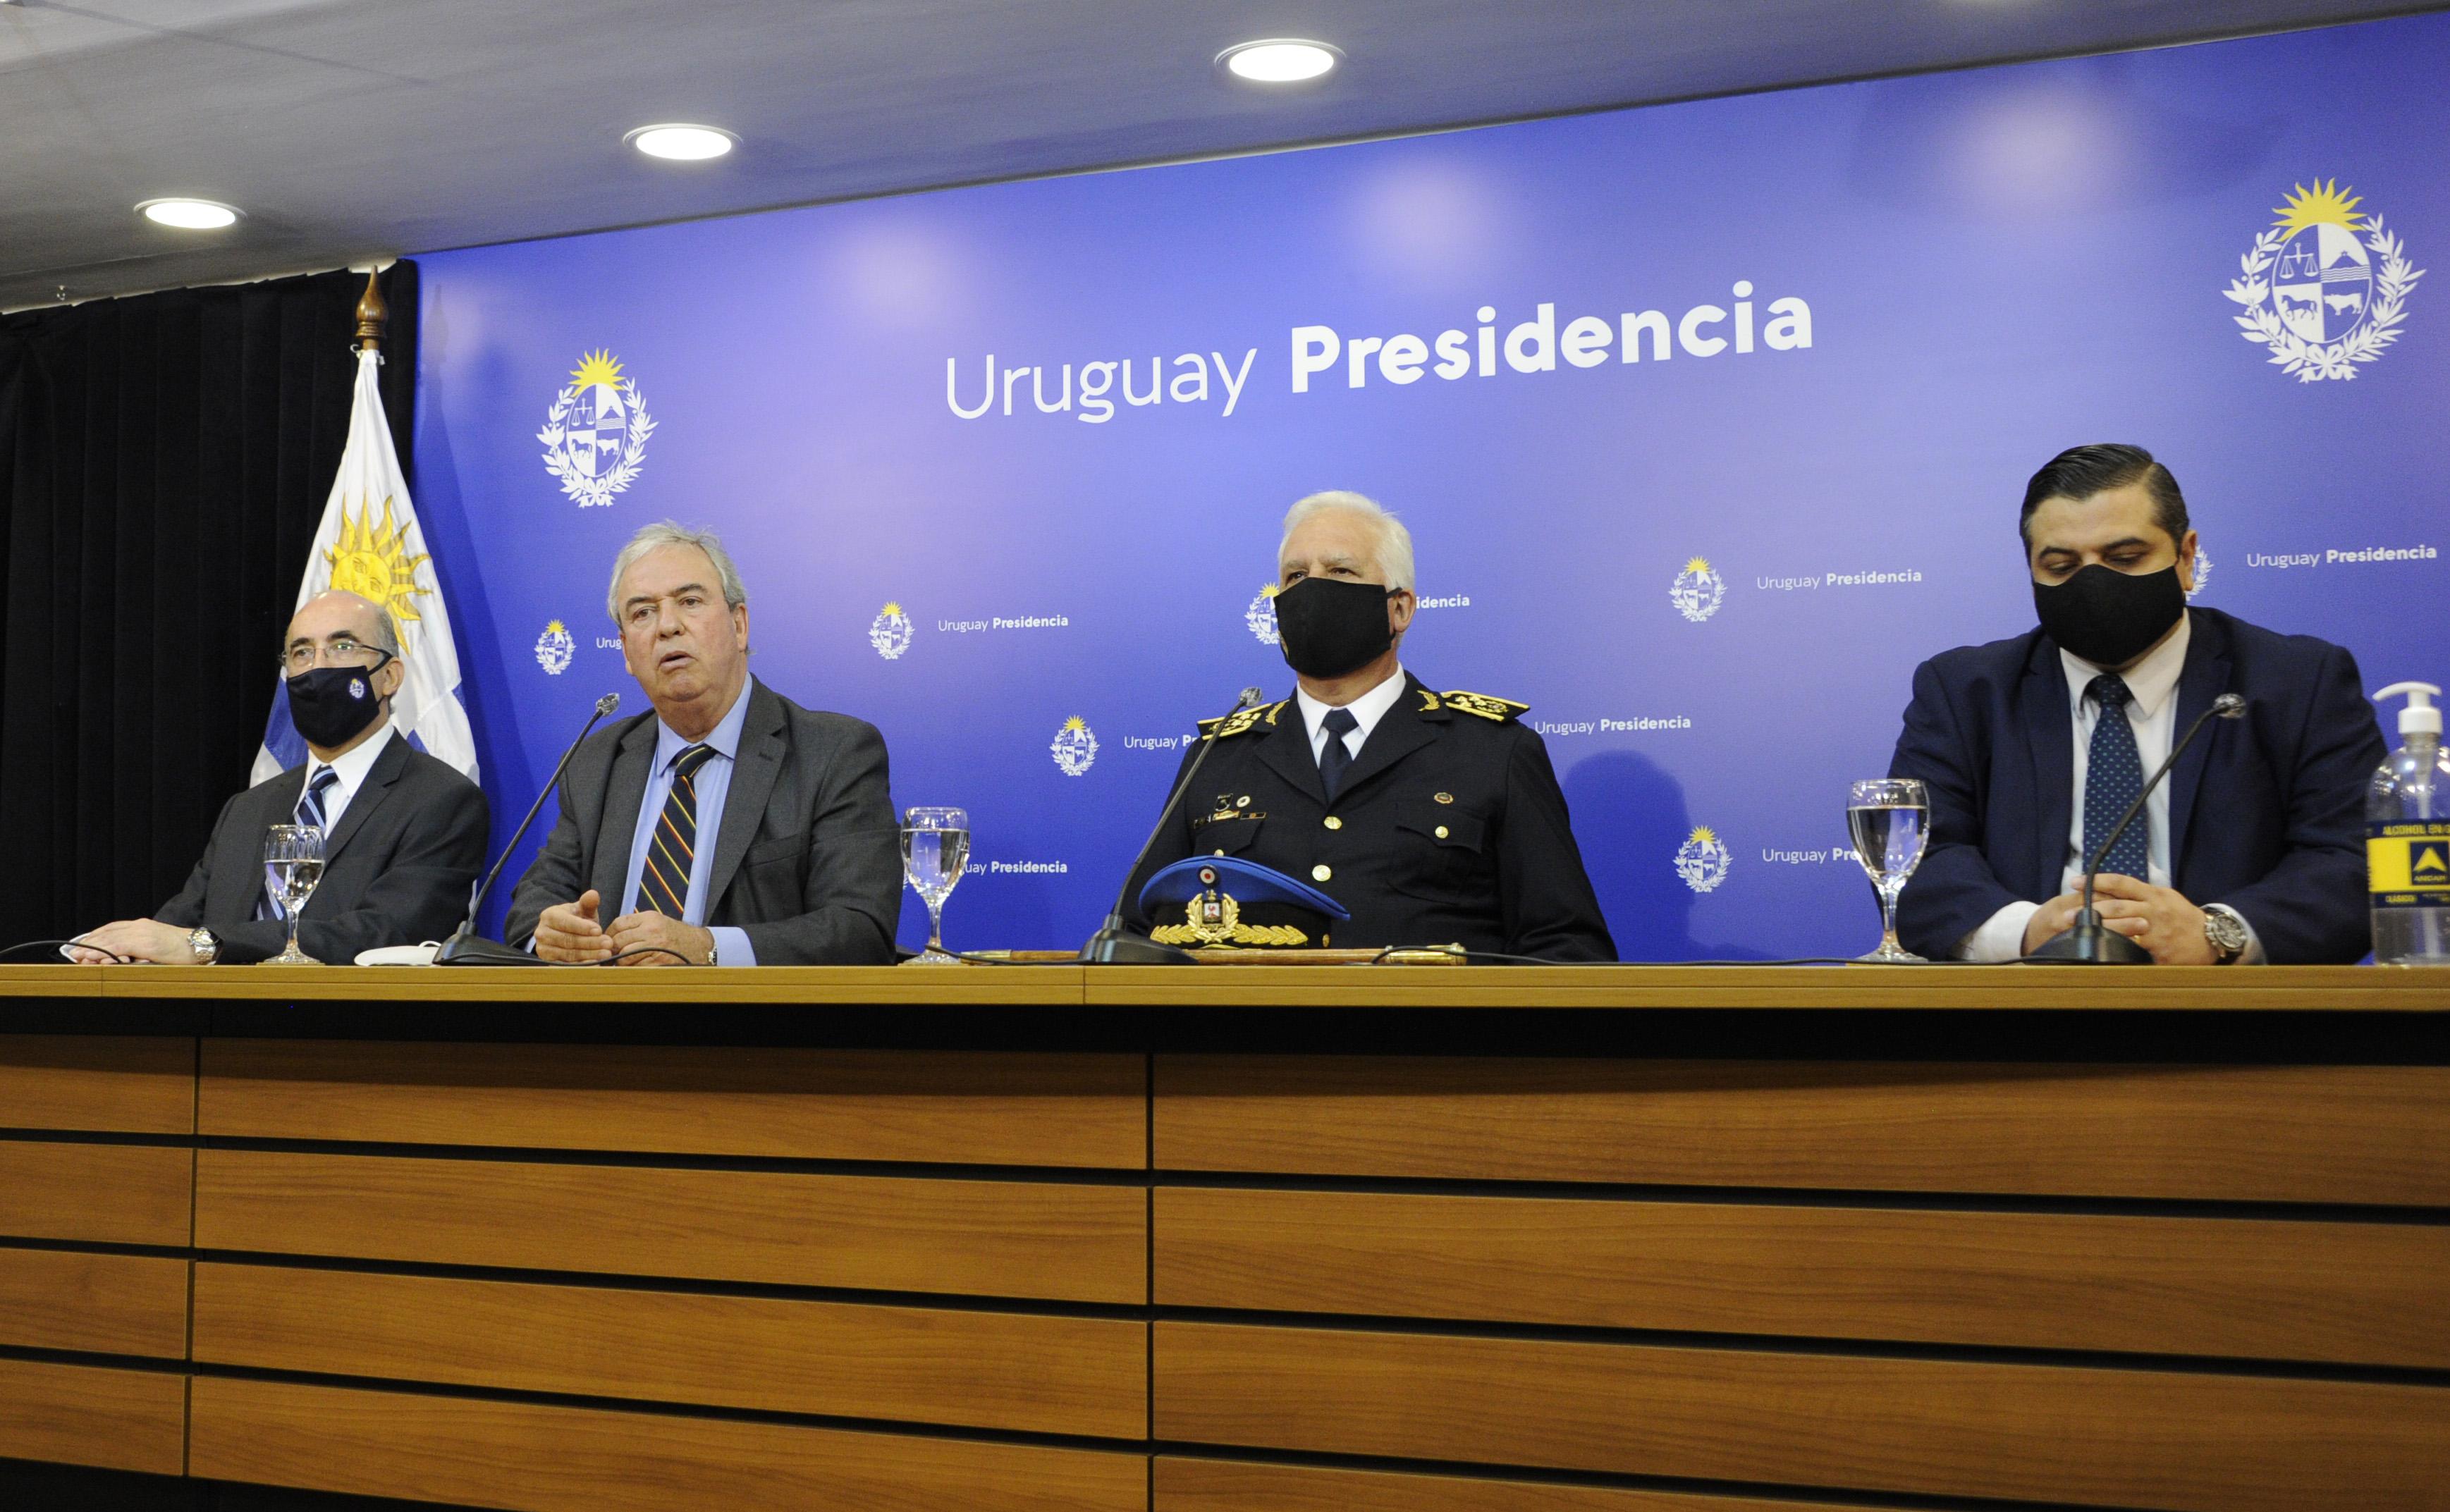 Conferencia de prensa de Luis Alberto Heber junto a autoridades policiales